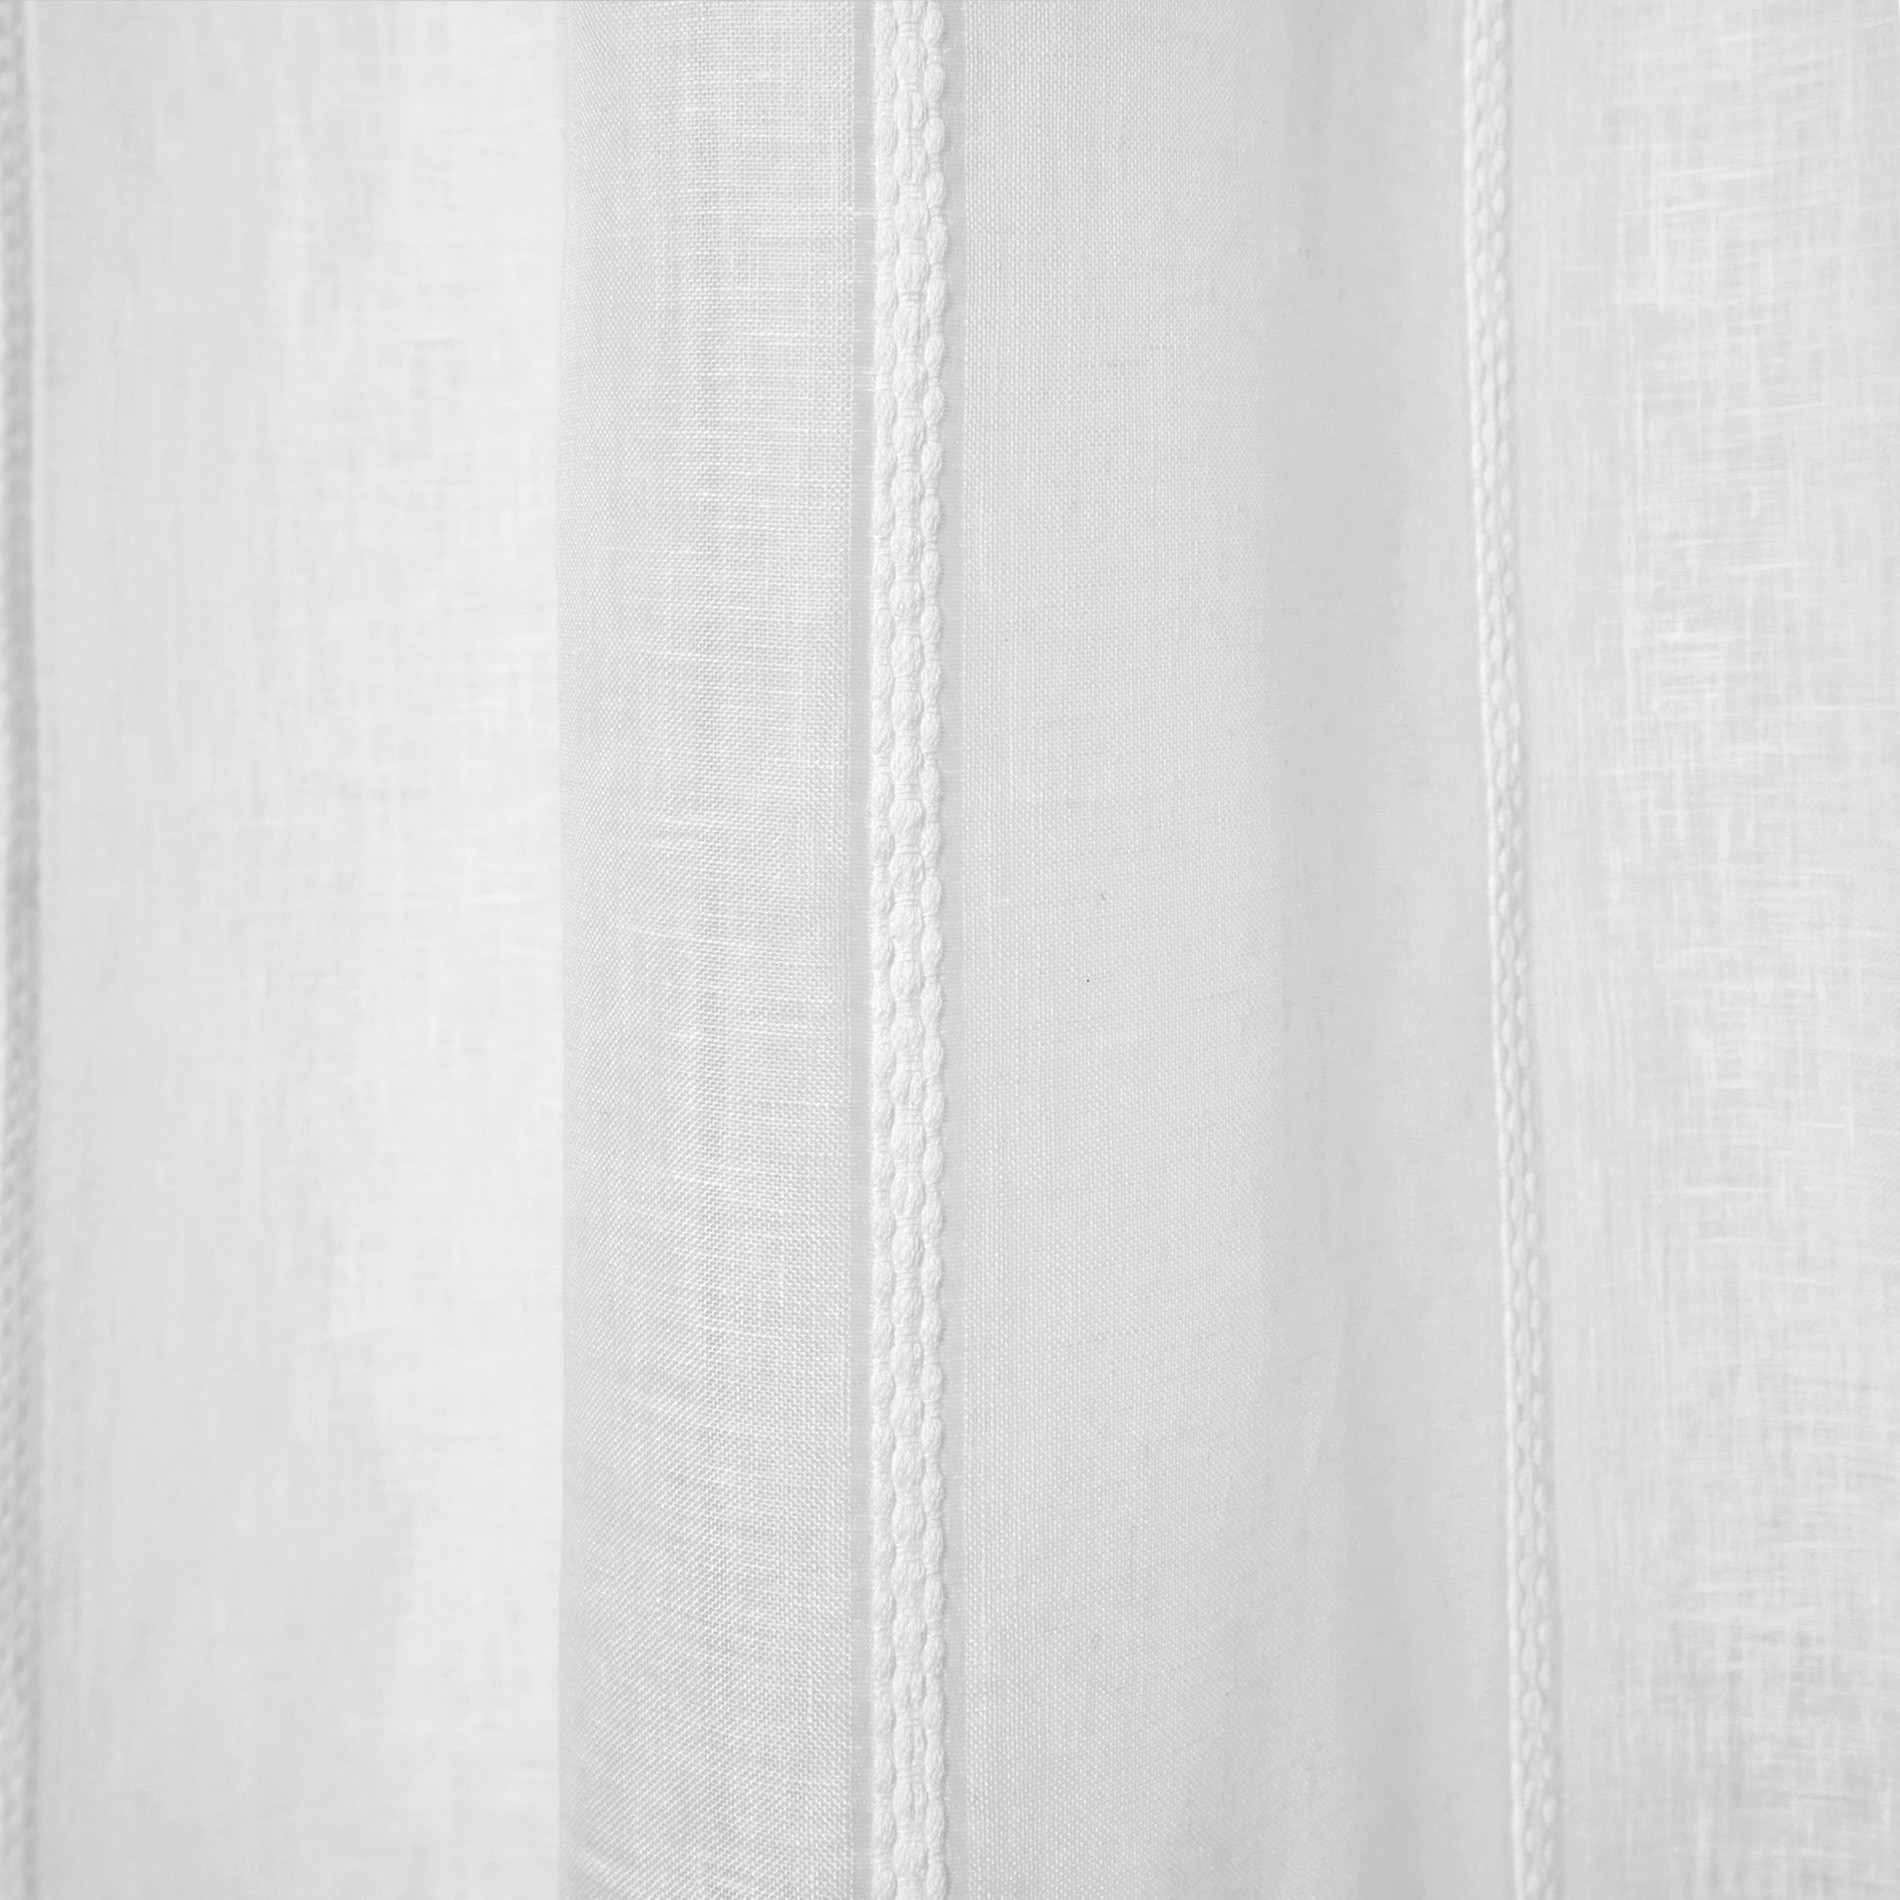 Tenda misto lino con applicazioni, Bianco, large image number 0